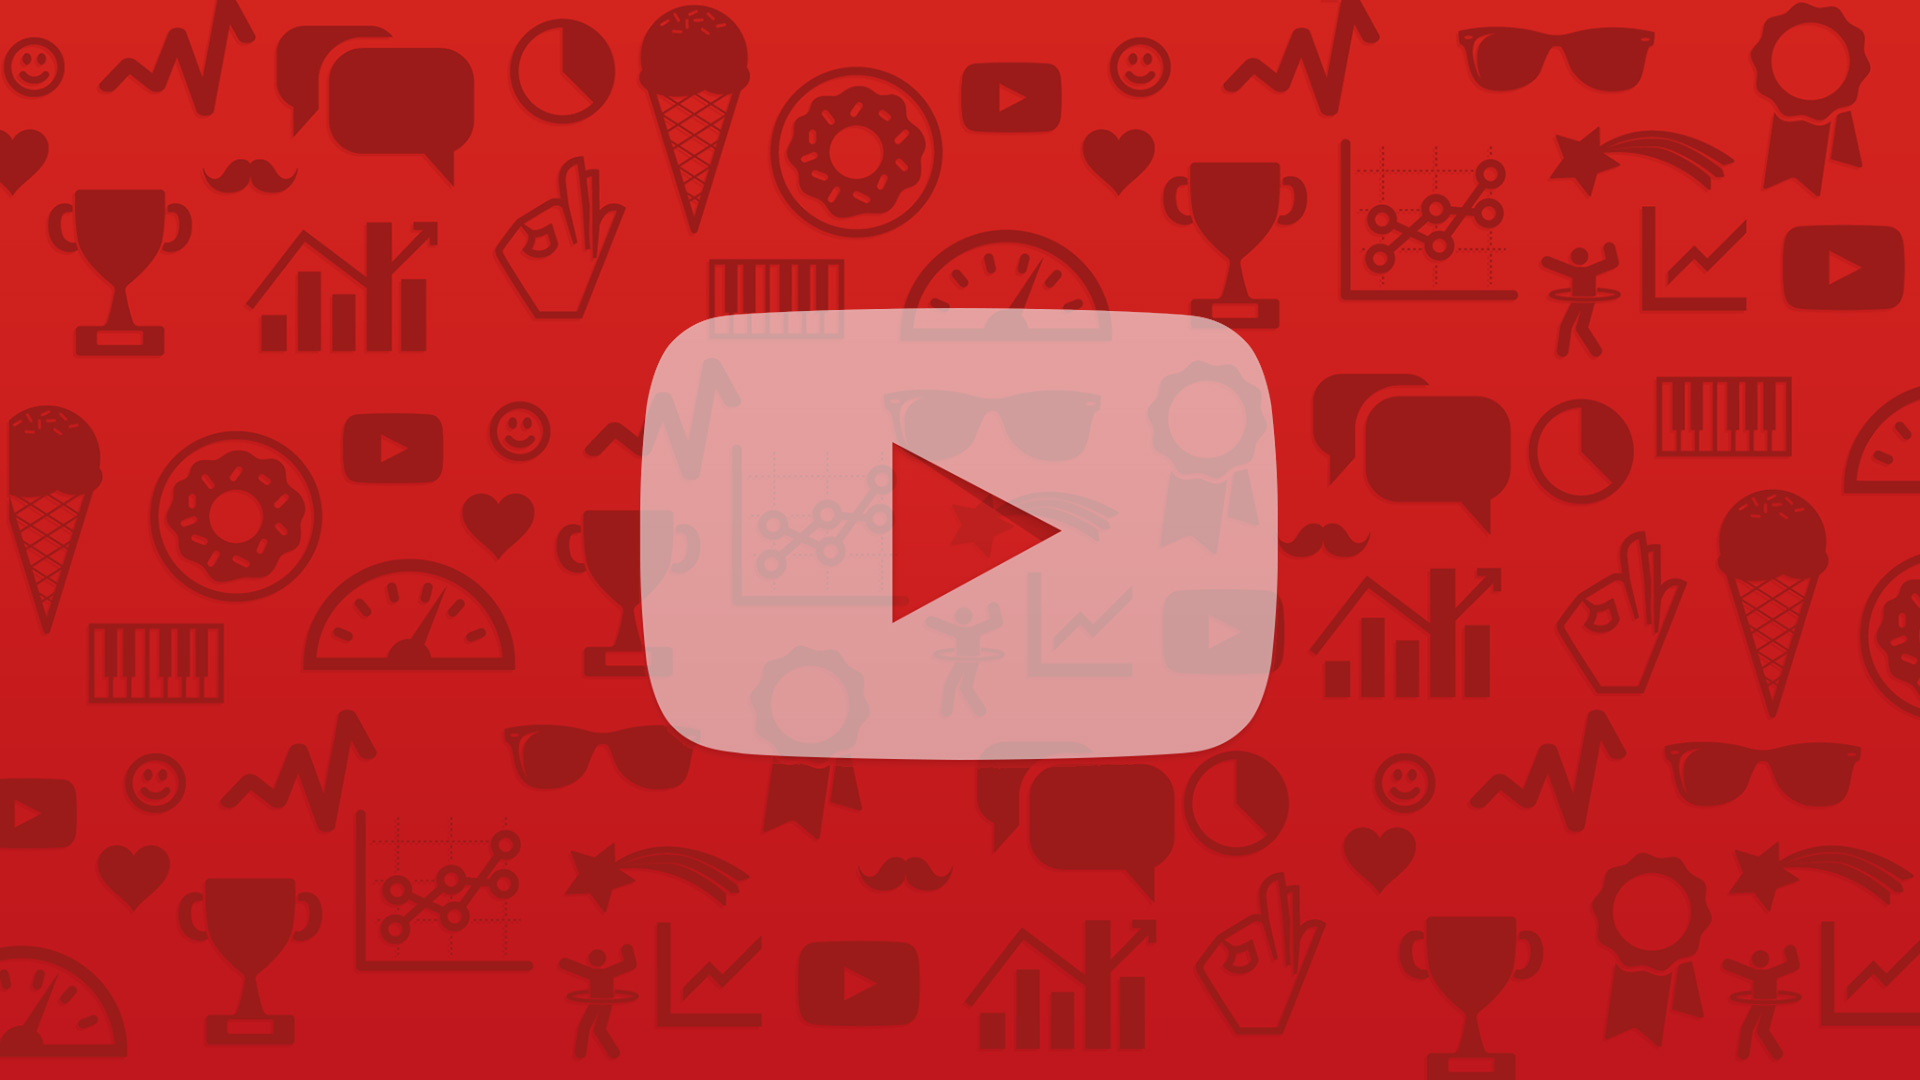 """جوجل تدعم تأثيرات الواقع المعزز AR بـ """"قصص يوتيوب"""""""